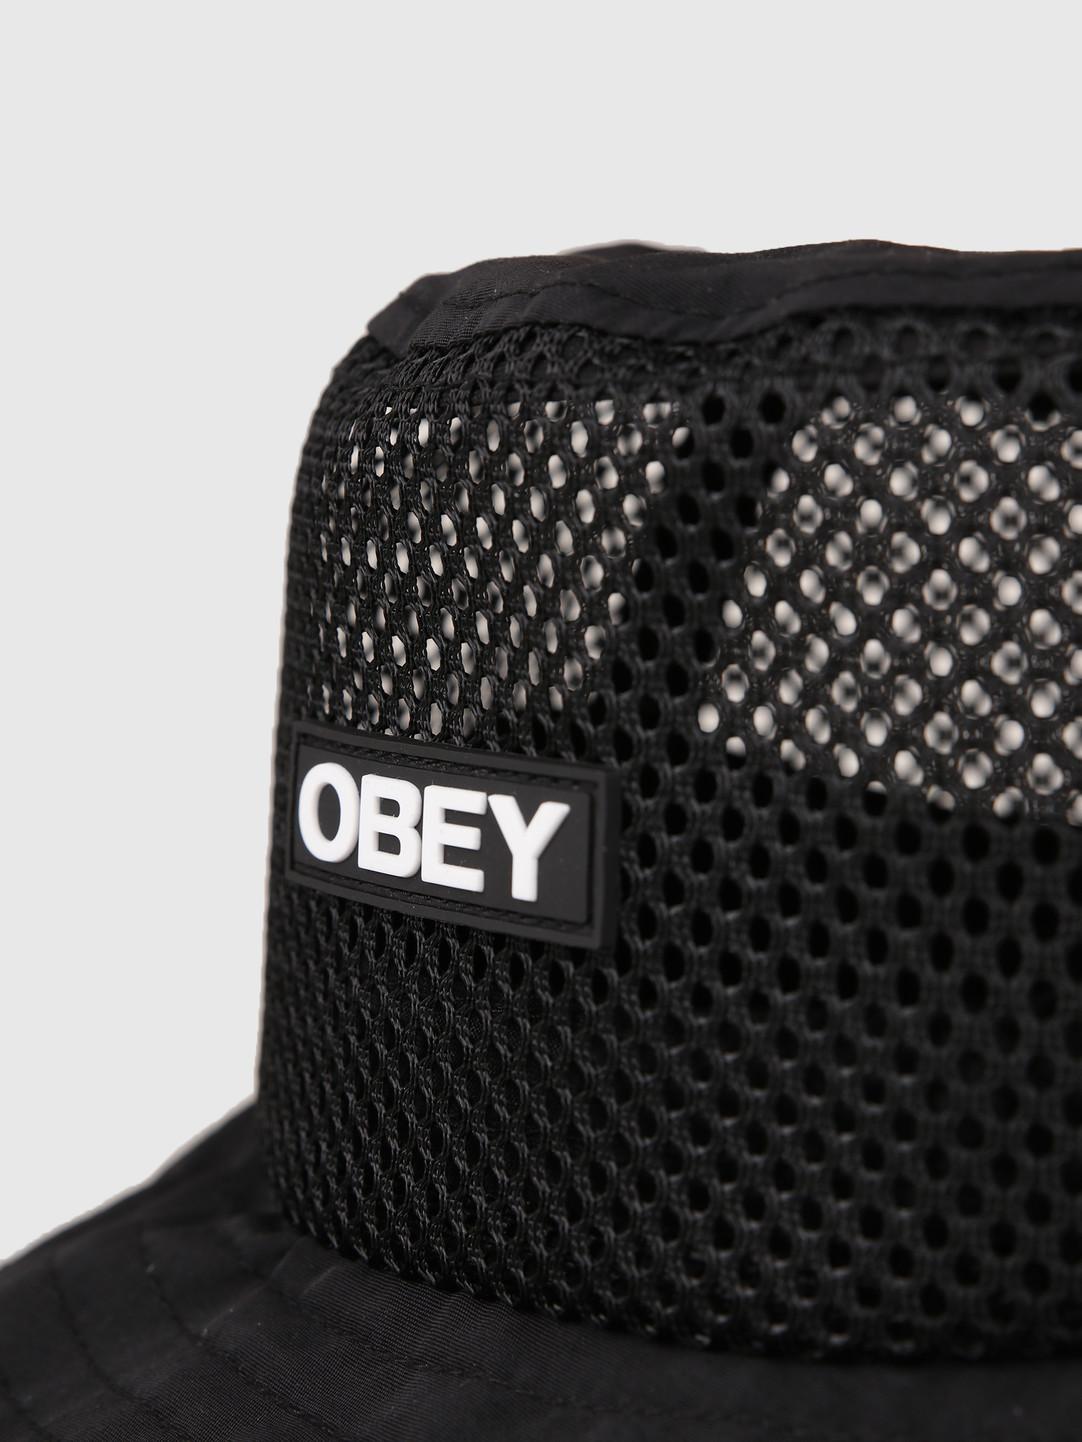 Obey Obey Depot Bucket Hat Black 100520022-BLK